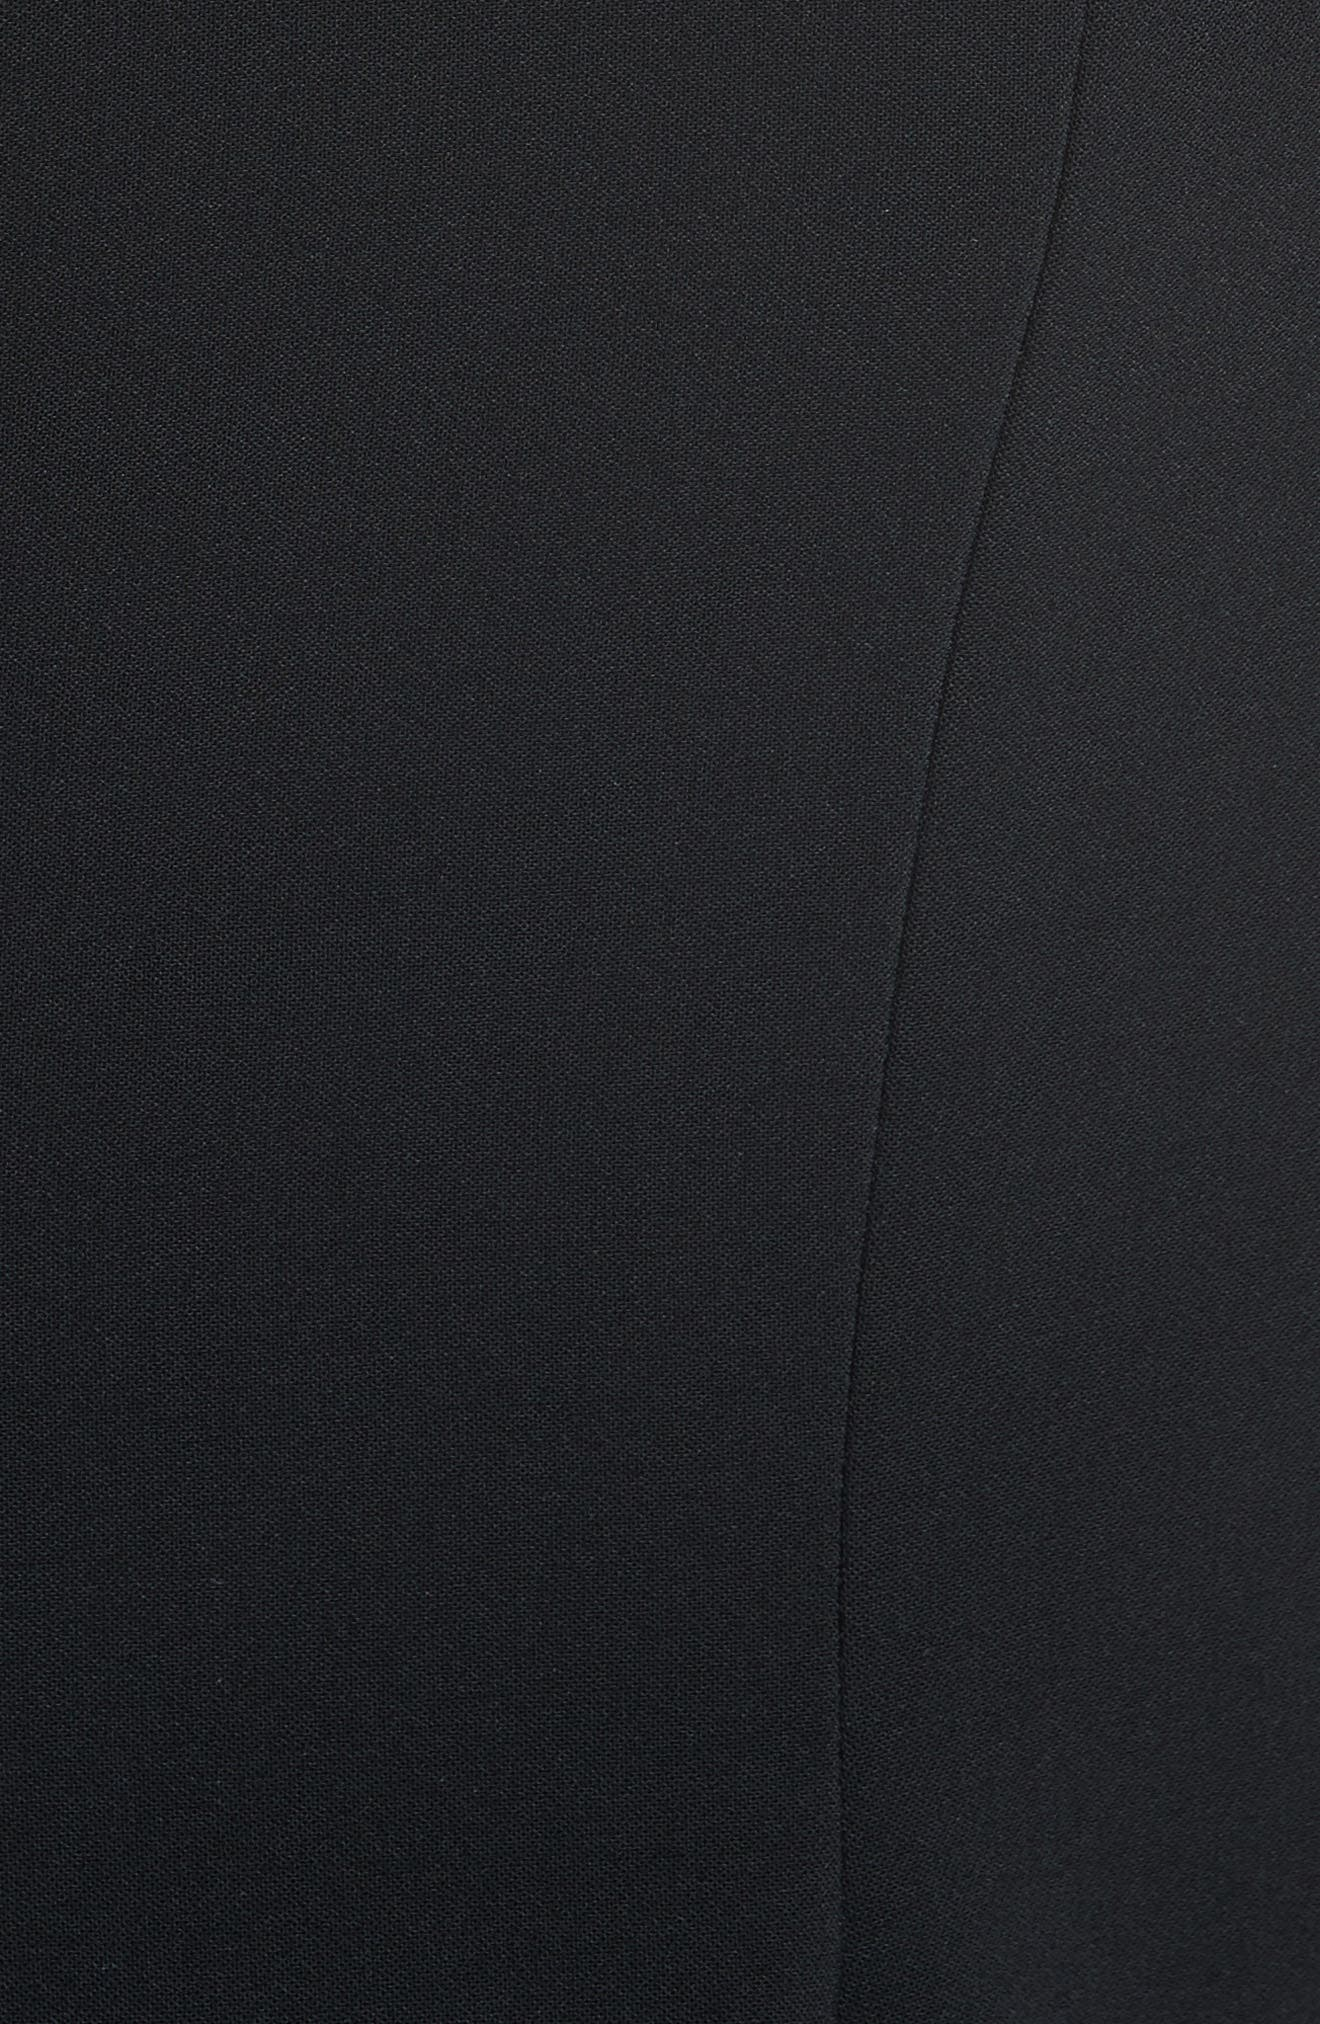 Alternate Image 3  - Marchesa Embellished Fit & Flare Dress